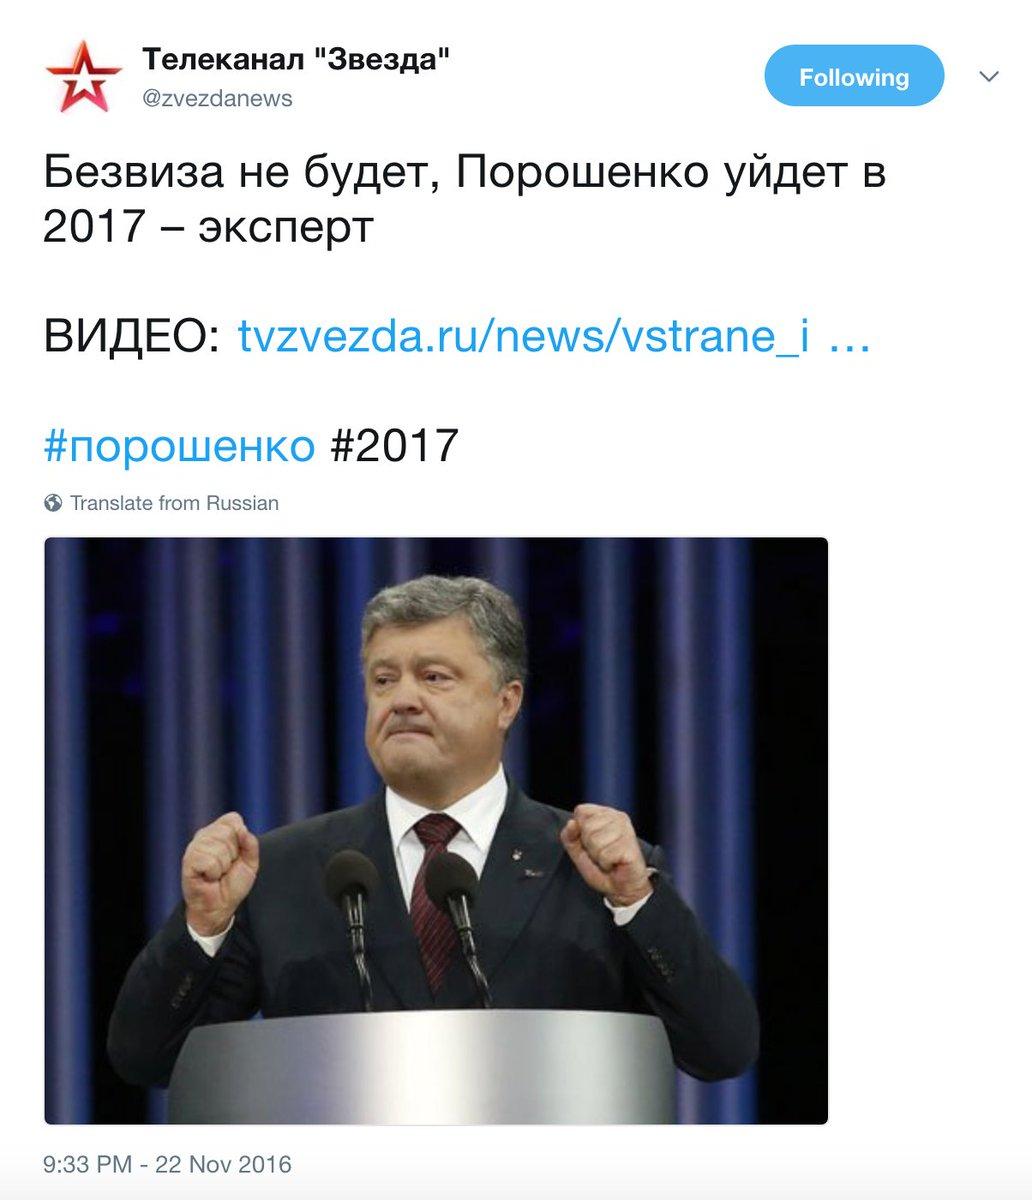 Порошенко поручил немедленно возобновить переговоры с РФ о возвращении украинцев, которые находится в российских тюрьмах и на оккупированных территориях - Цензор.НЕТ 9624